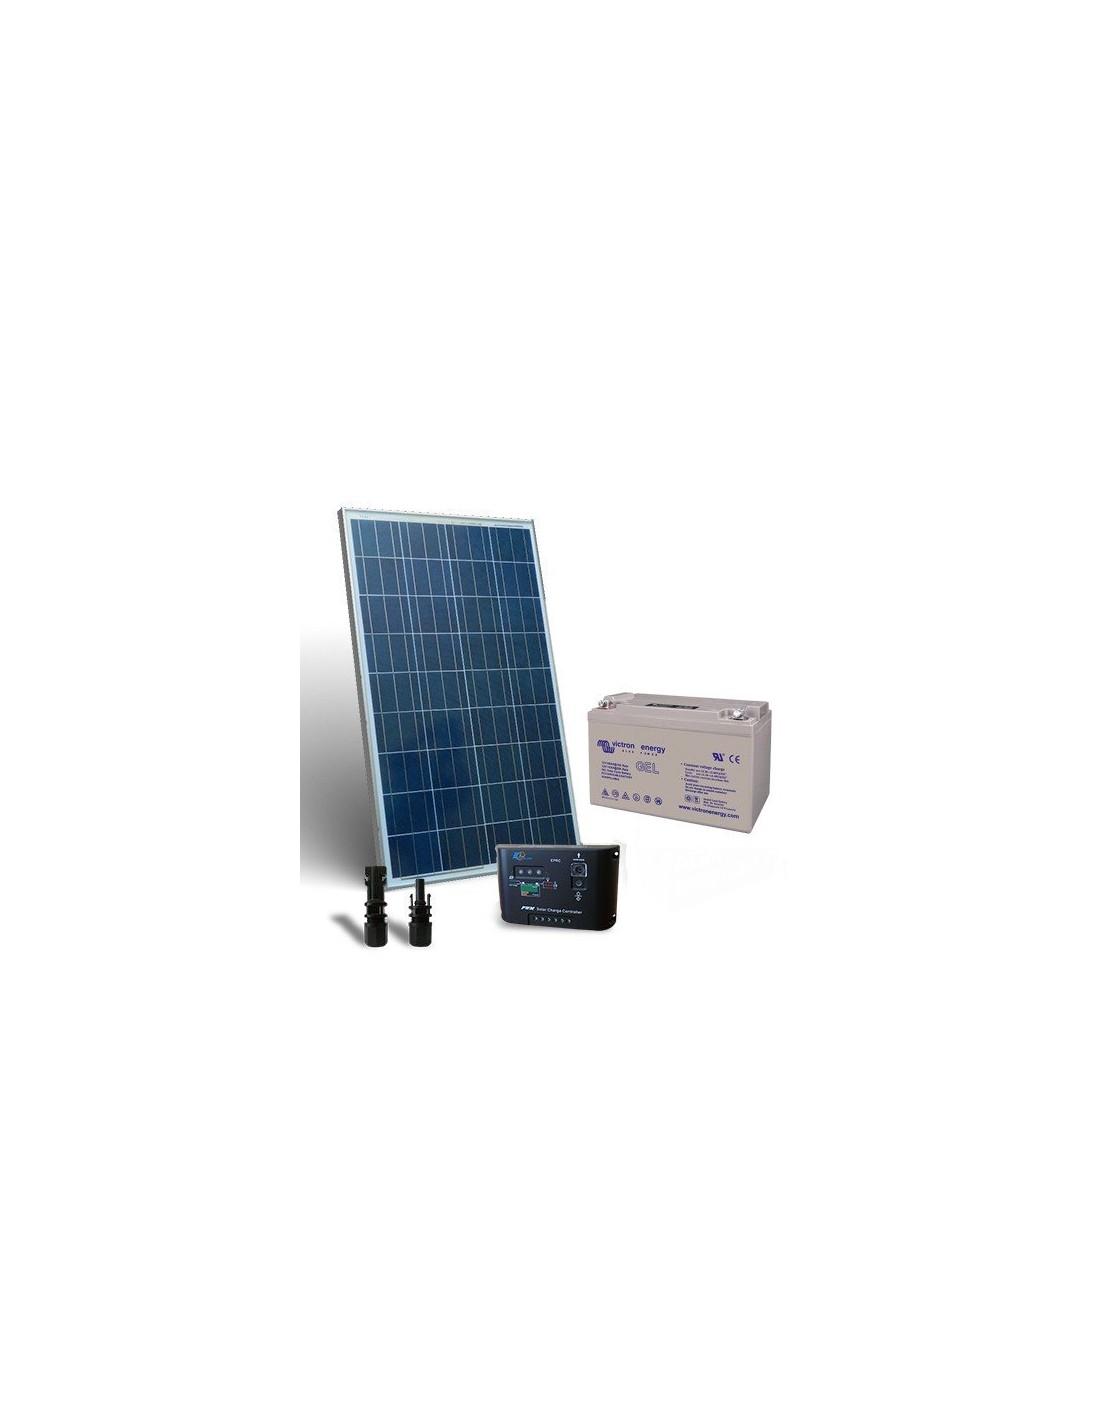 Kit Pannello Solare Offerta : Kit solare pro w v pannello fotovoltaico regolatore